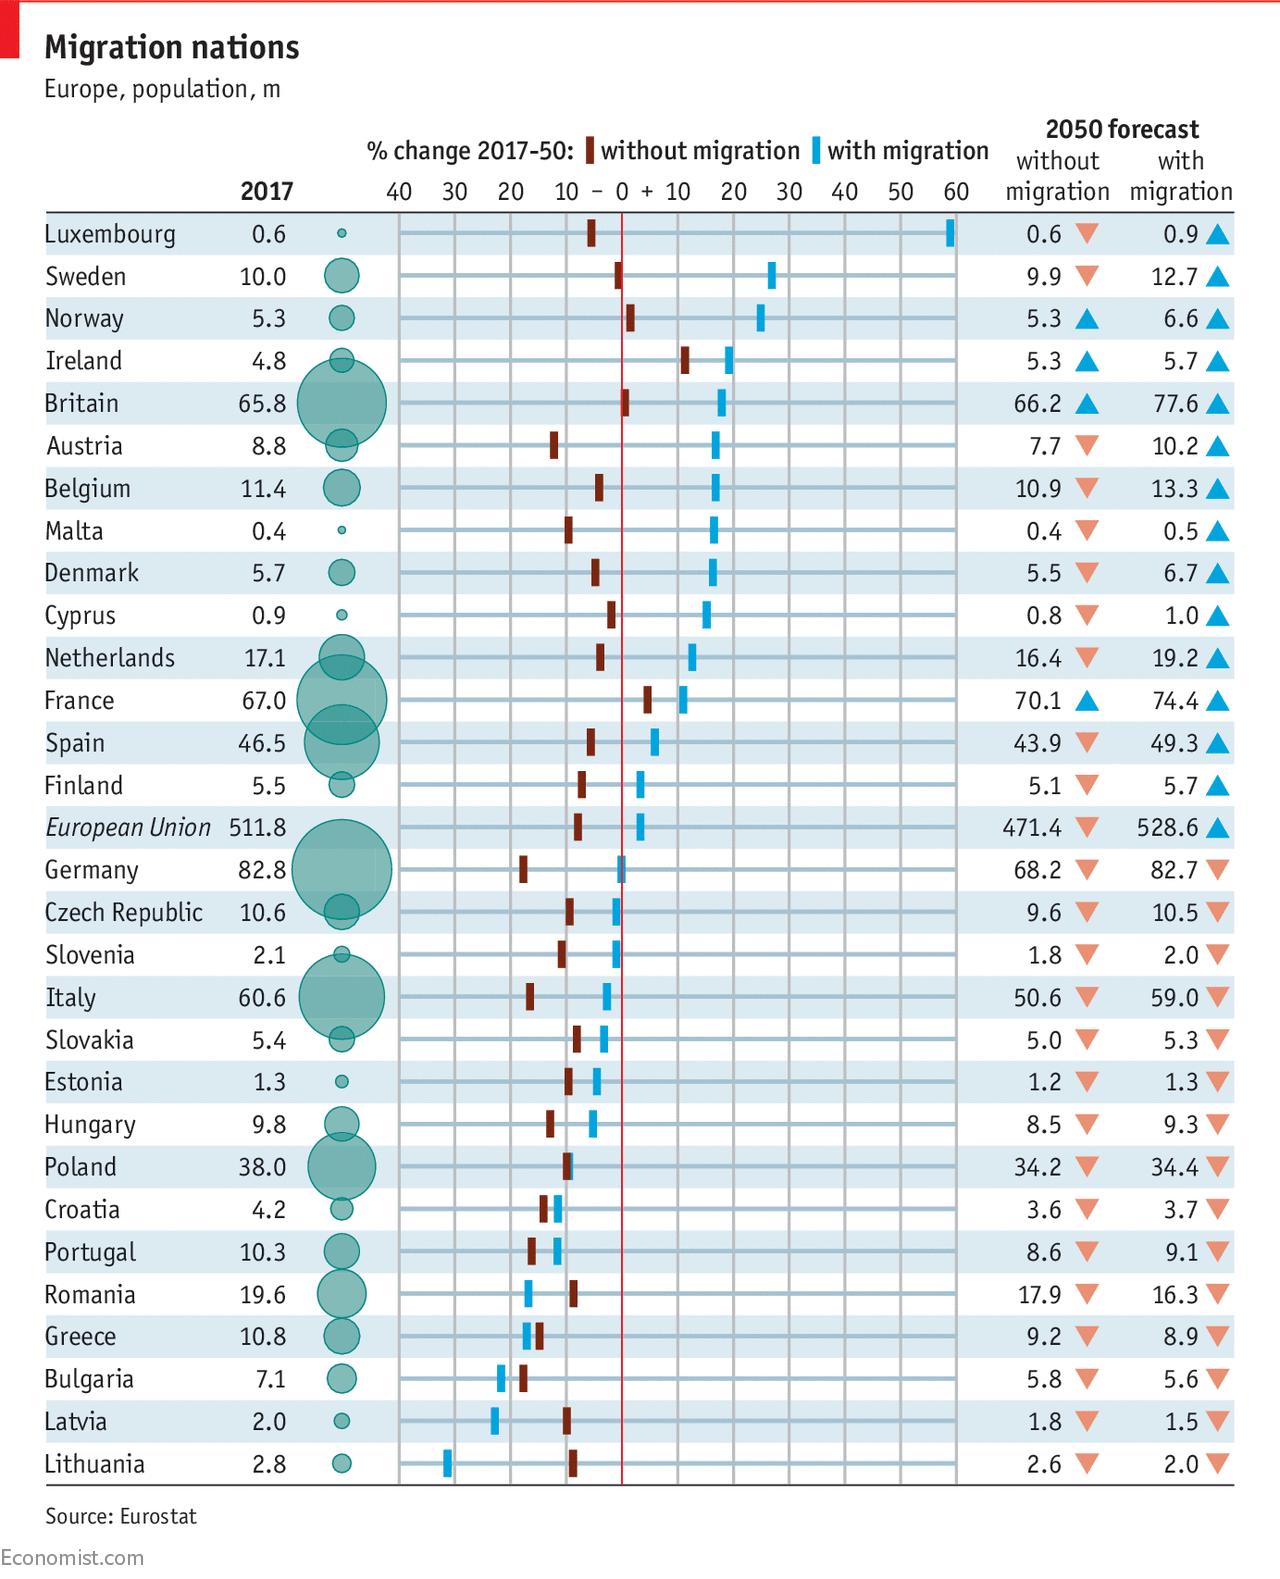 Európai országok és a népesség várható változása. Vörös színnel a változás, ha megállna a bevándorlás, kékkel, ha a jelenlegi szinten folytatódik. Jobboldalt a népesség várható változása millióban. (Grafika: Economist)